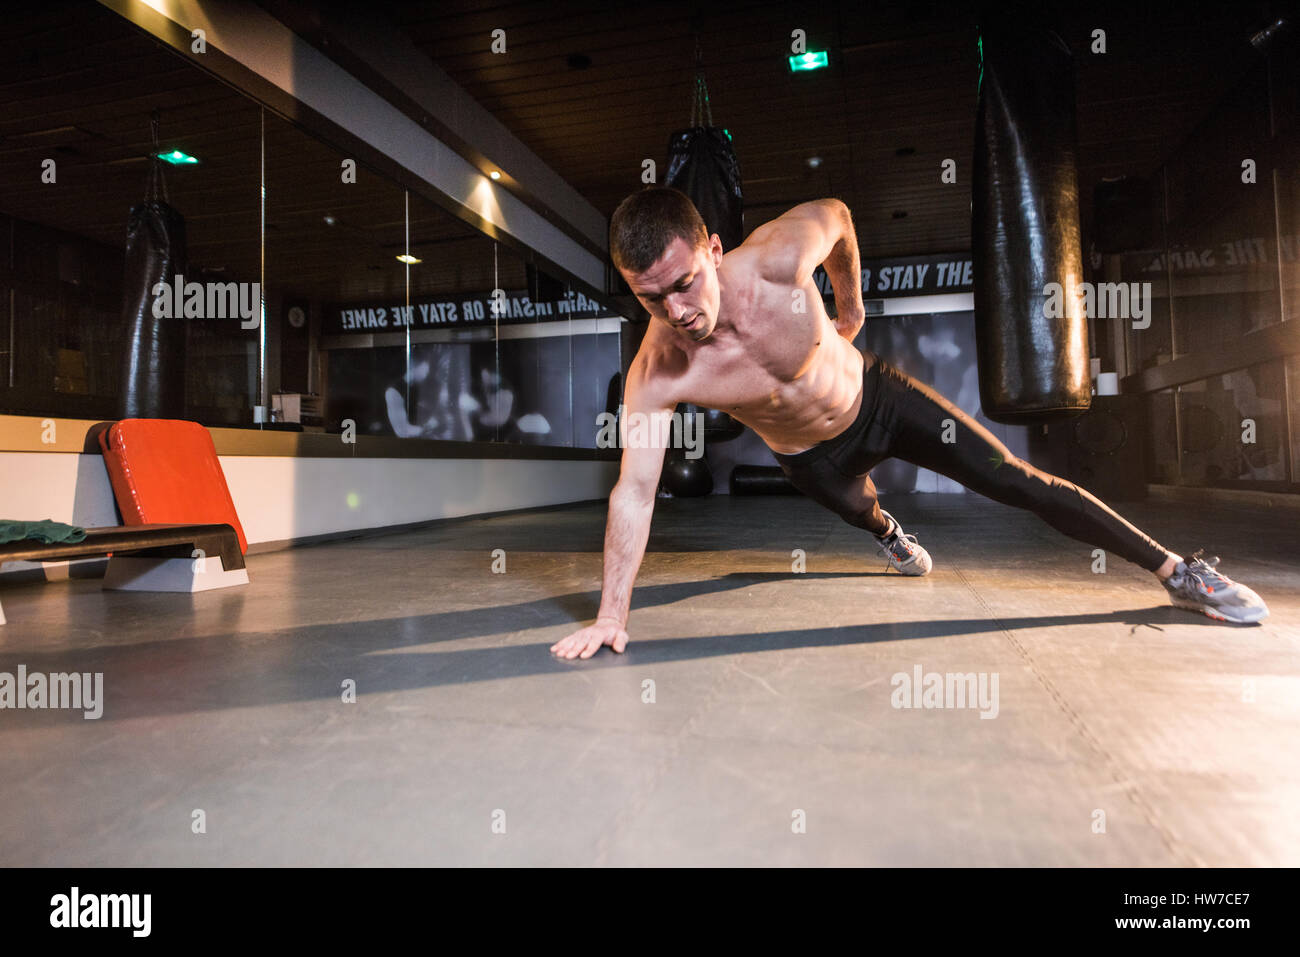 Jeune homme athlétique torse nu faisant une part pousser ups Photo Stock